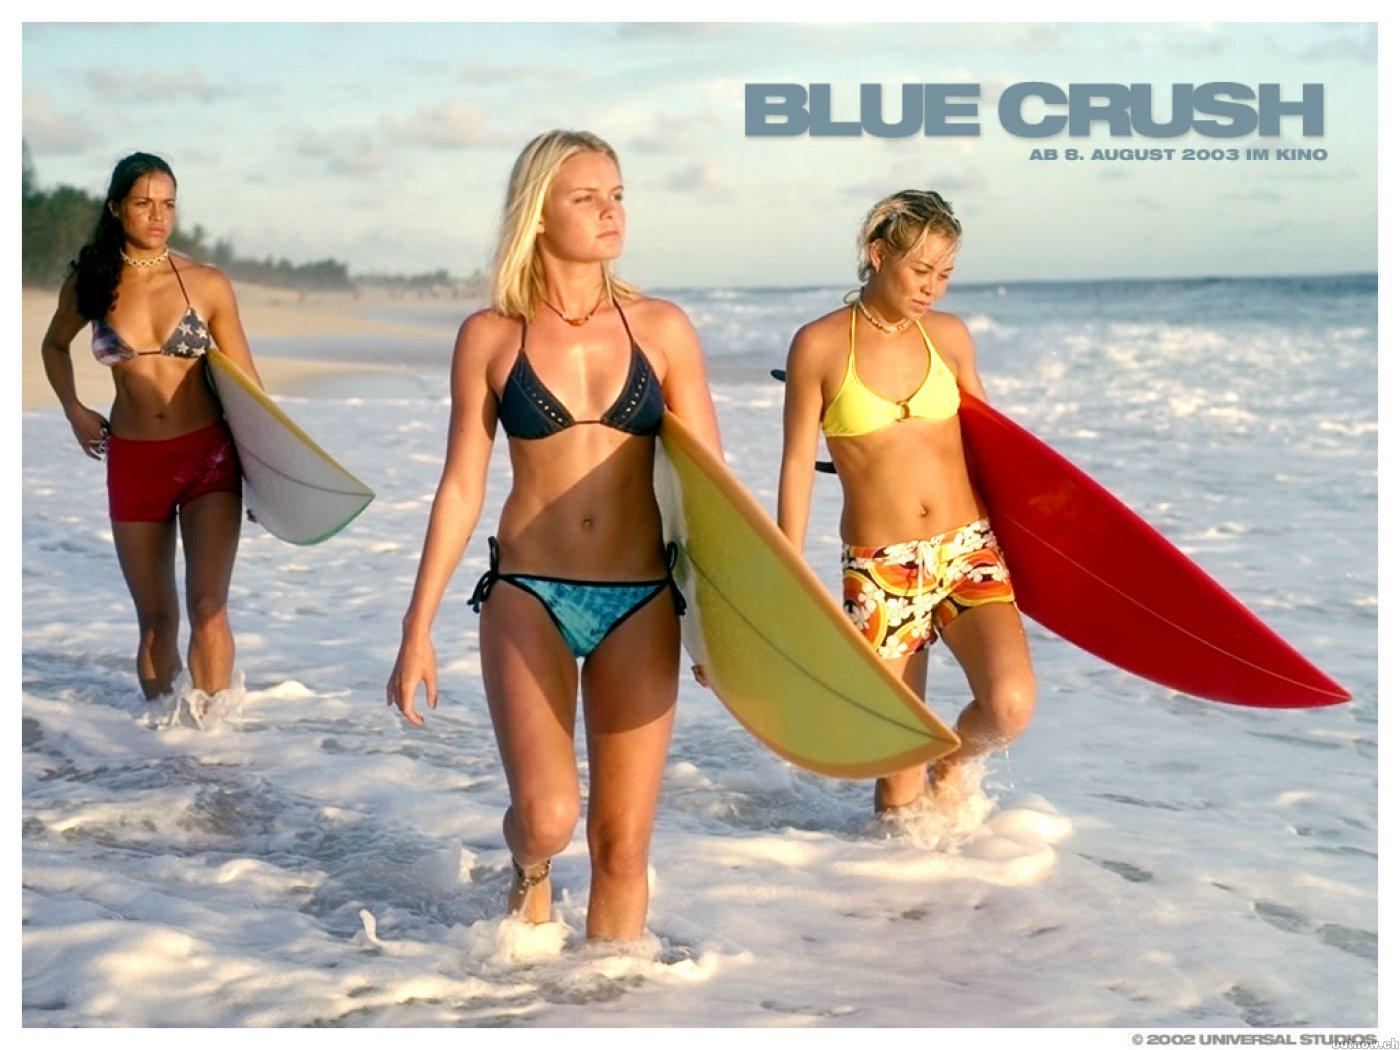 http://3.bp.blogspot.com/-4bXuc6fpBLY/Tu5fBvFglcI/AAAAAAAAAYY/aBoaDcmUiVU/s1600/Kate-Bosworth-bikini.jpg